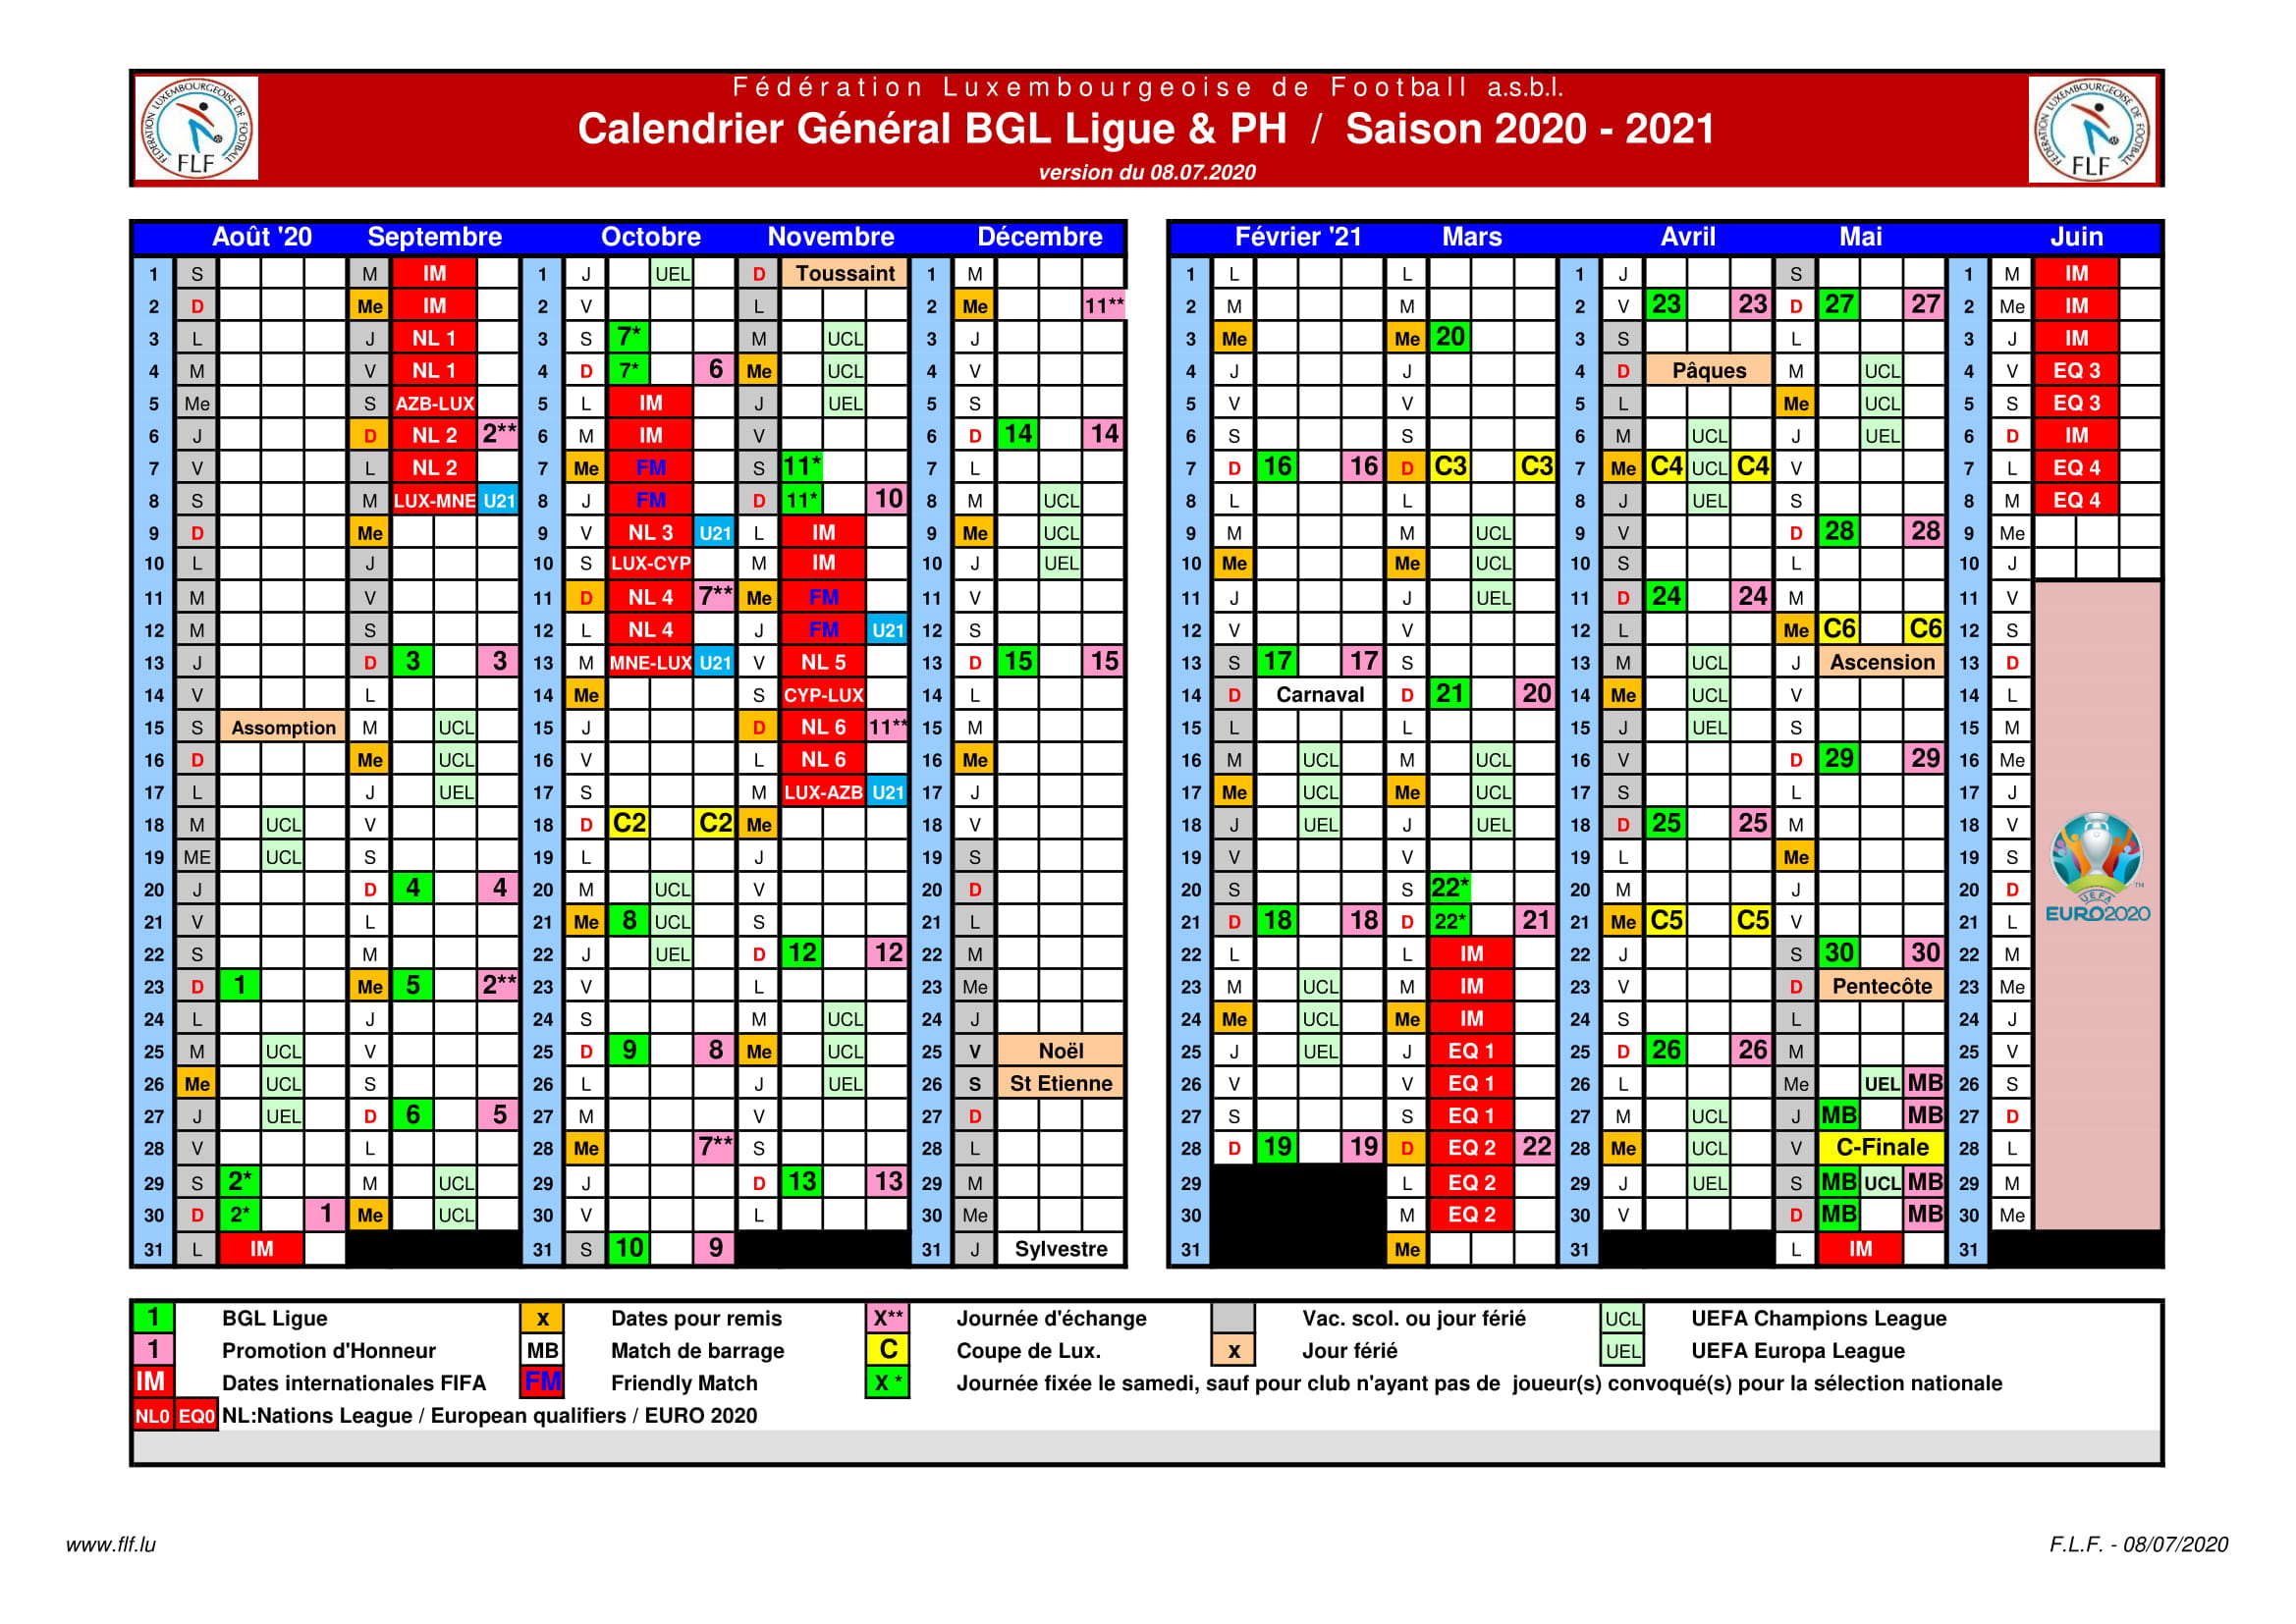 Saison 2020/21 programme détaillé PH